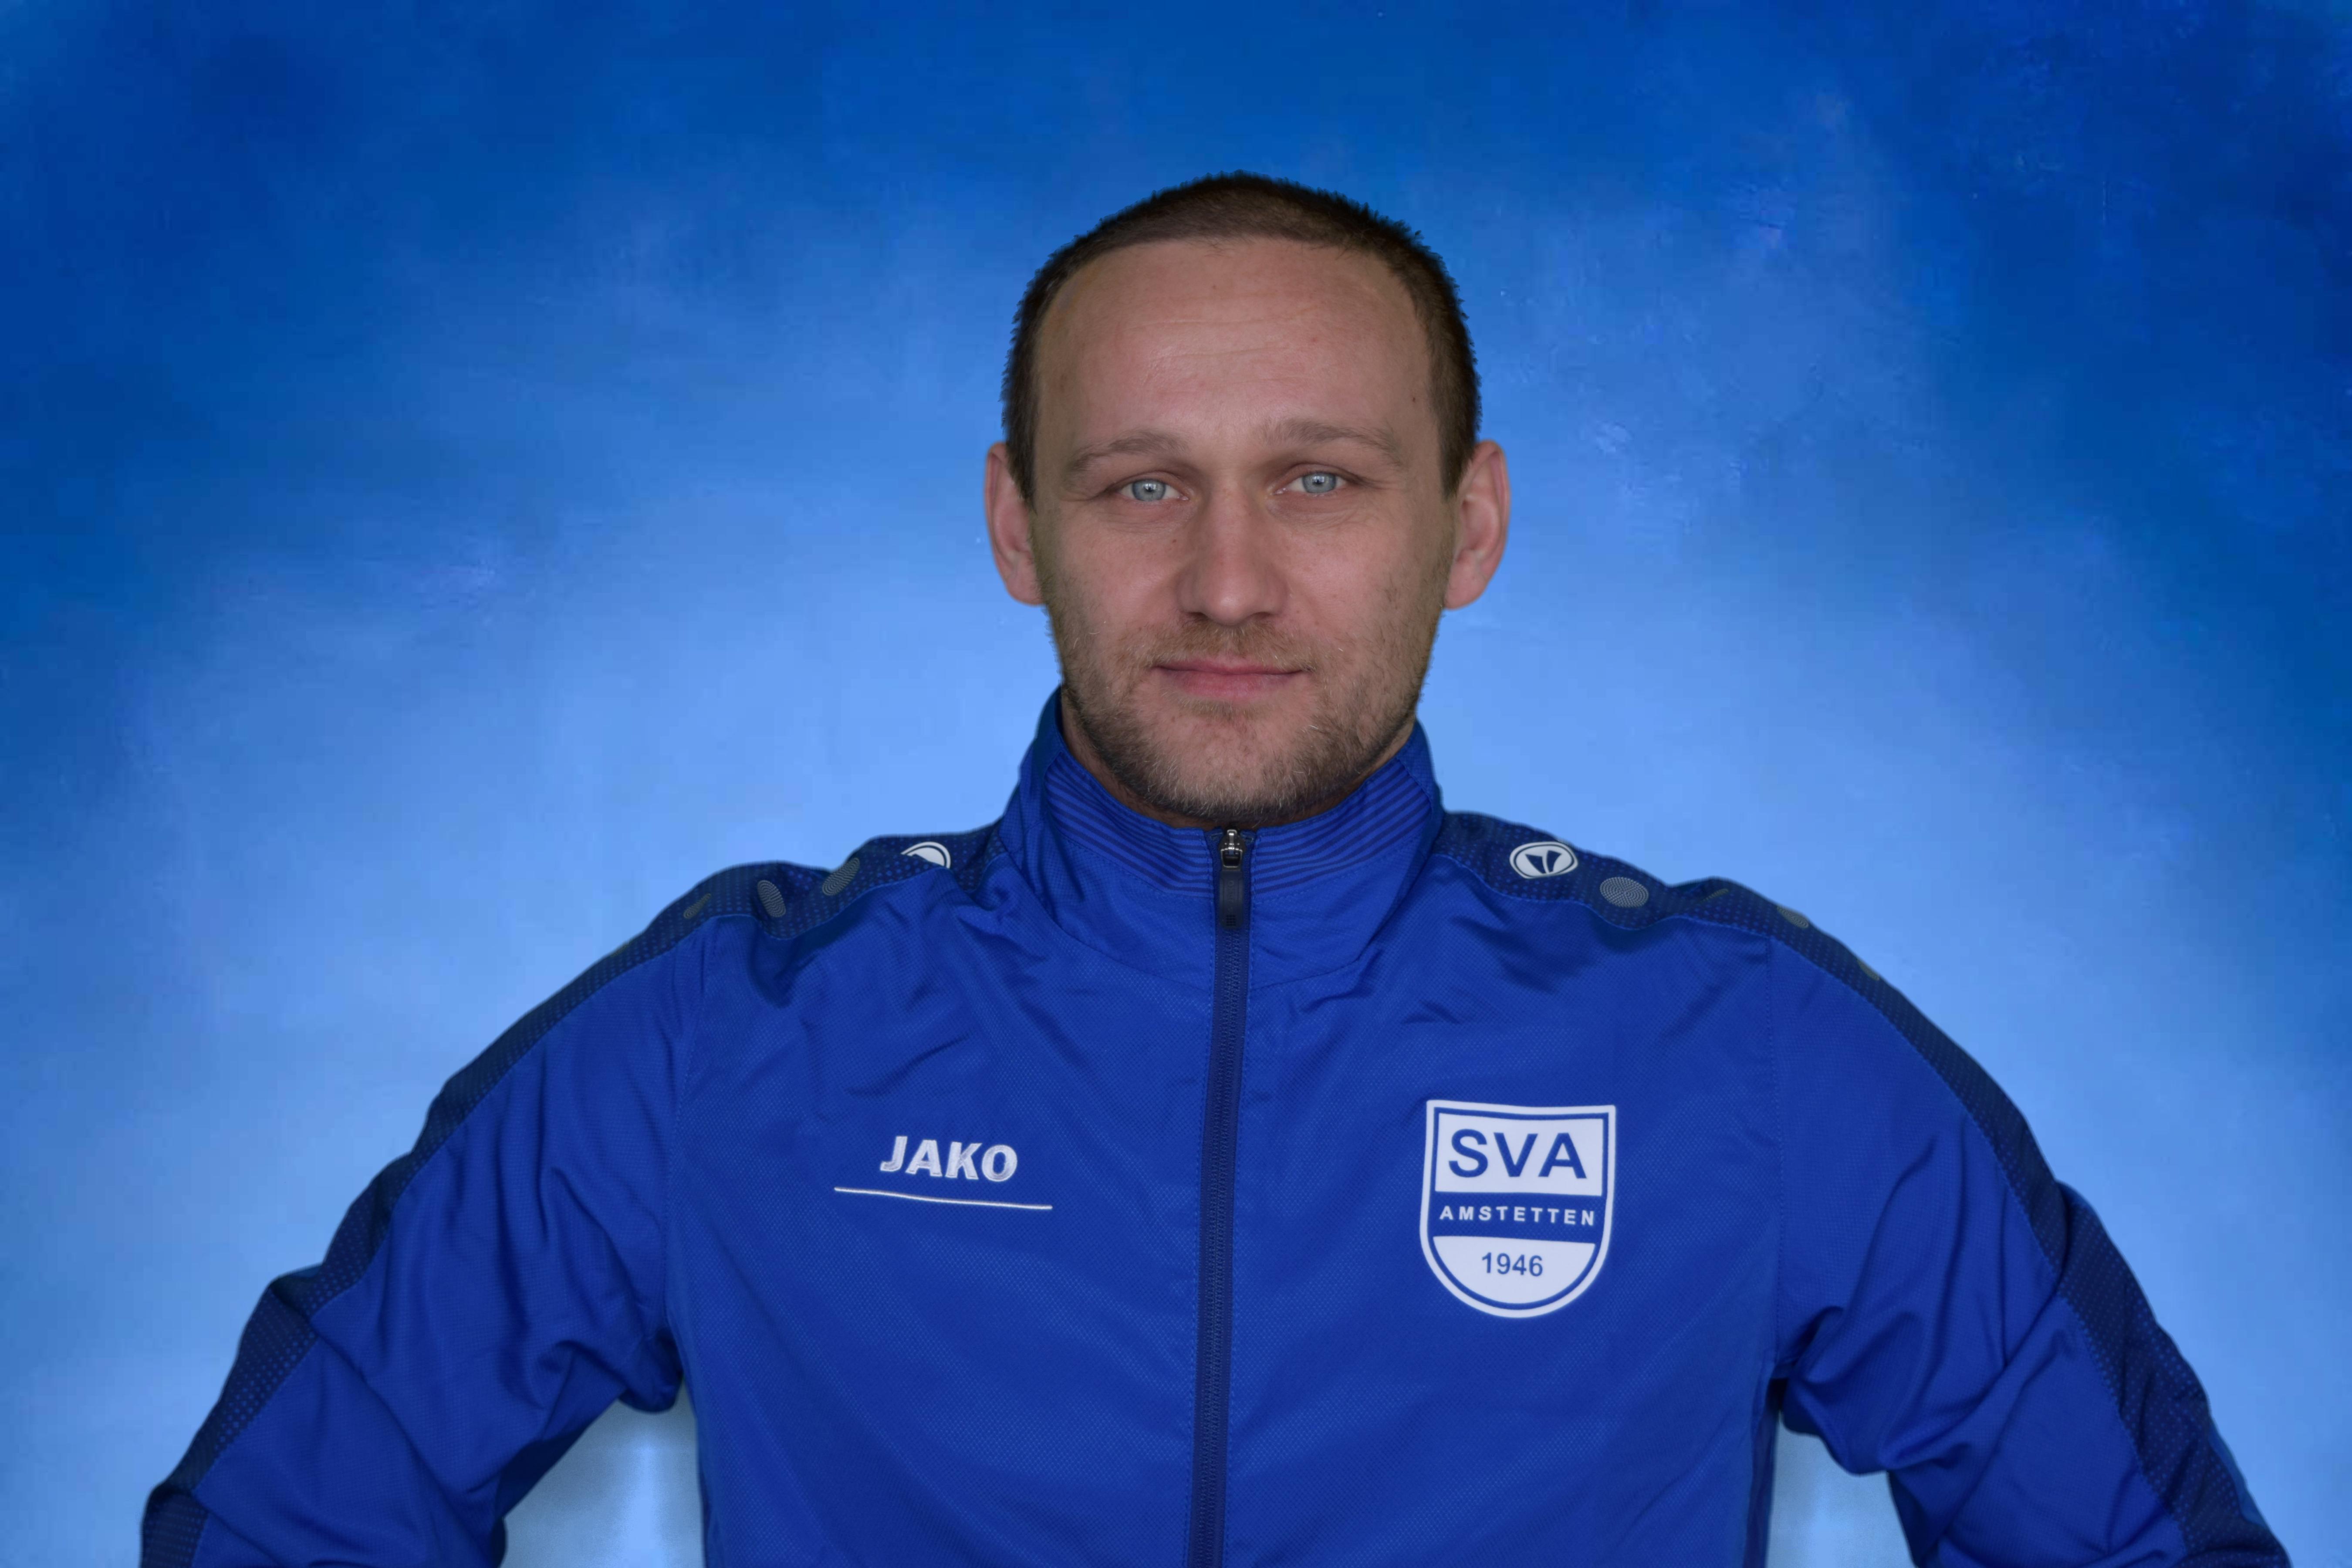 Eduard Ruppert